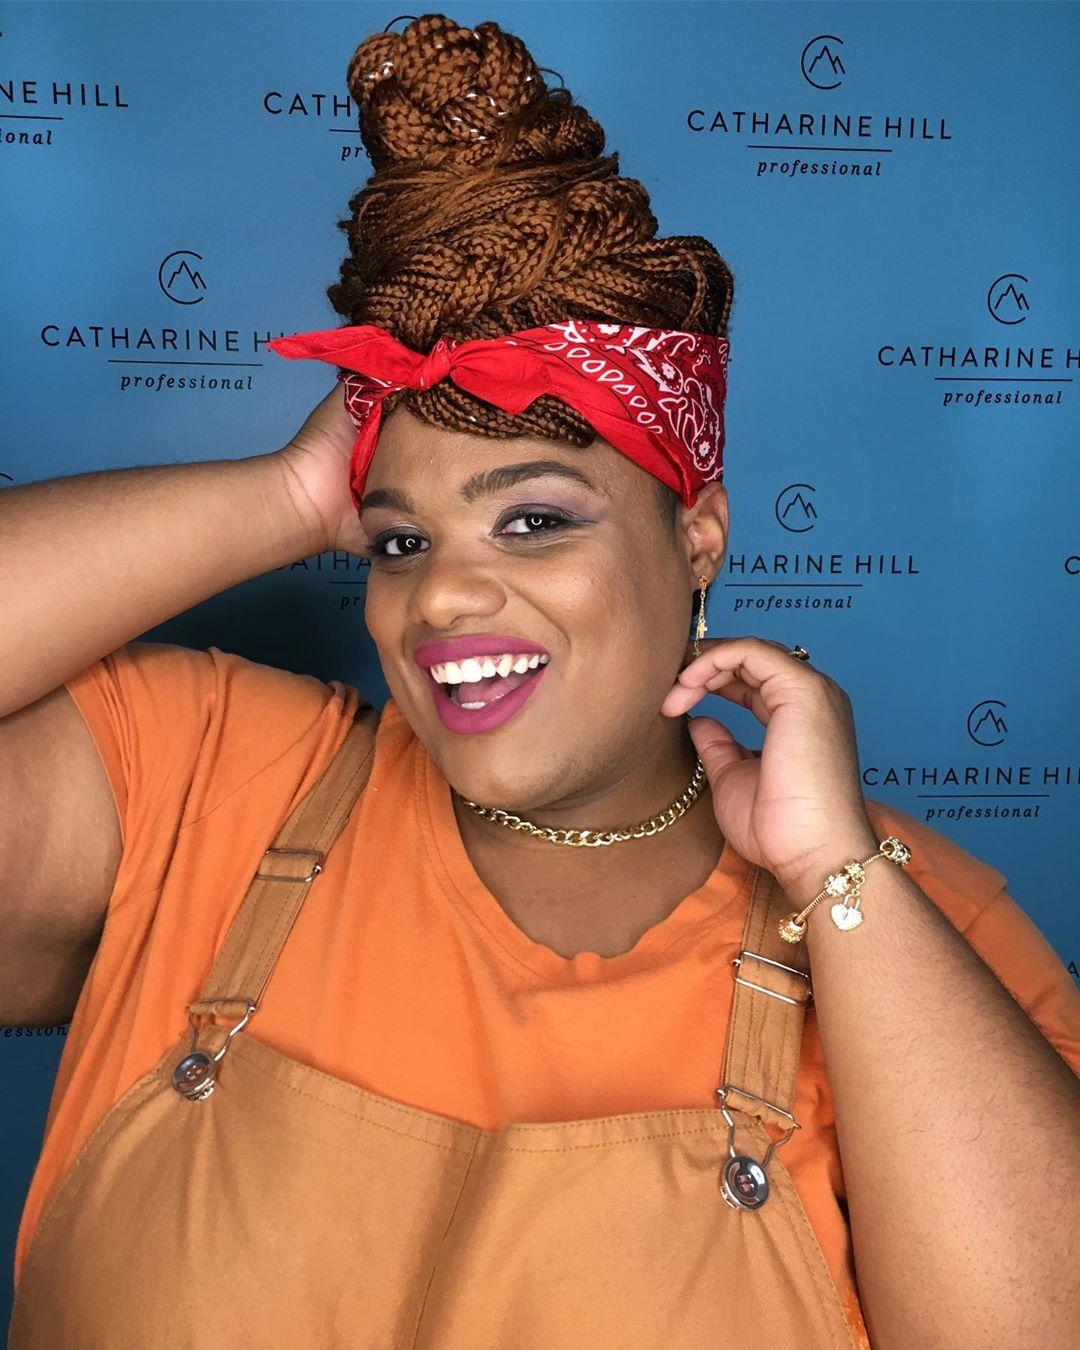 mulher trans preta gorda sorrindo mão cabelo